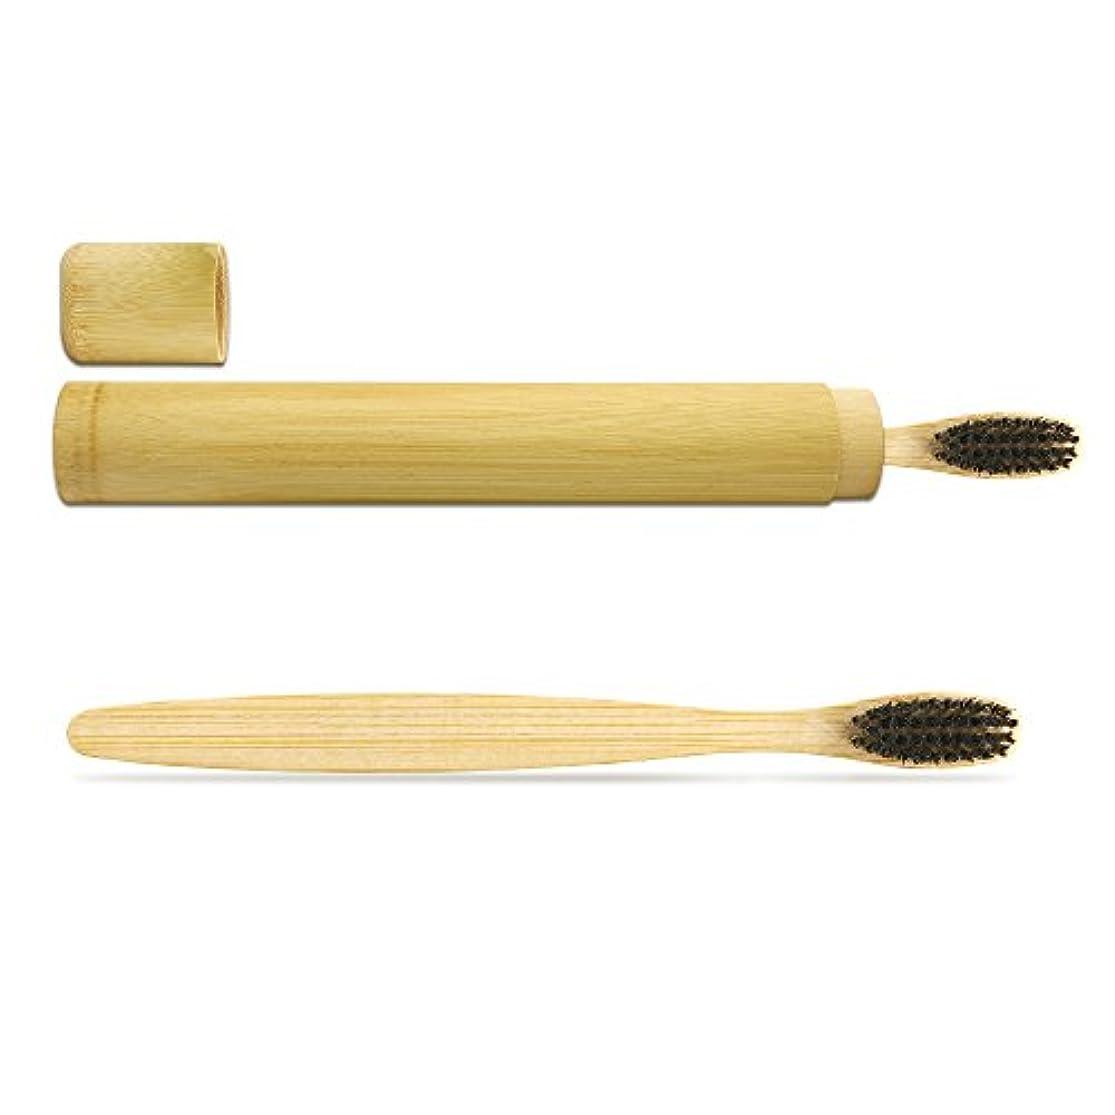 キャッチ誠意極小N-amboo 竹製 高耐久度 歯ブラシ ケース付き 軽量 携帯便利 出張旅行